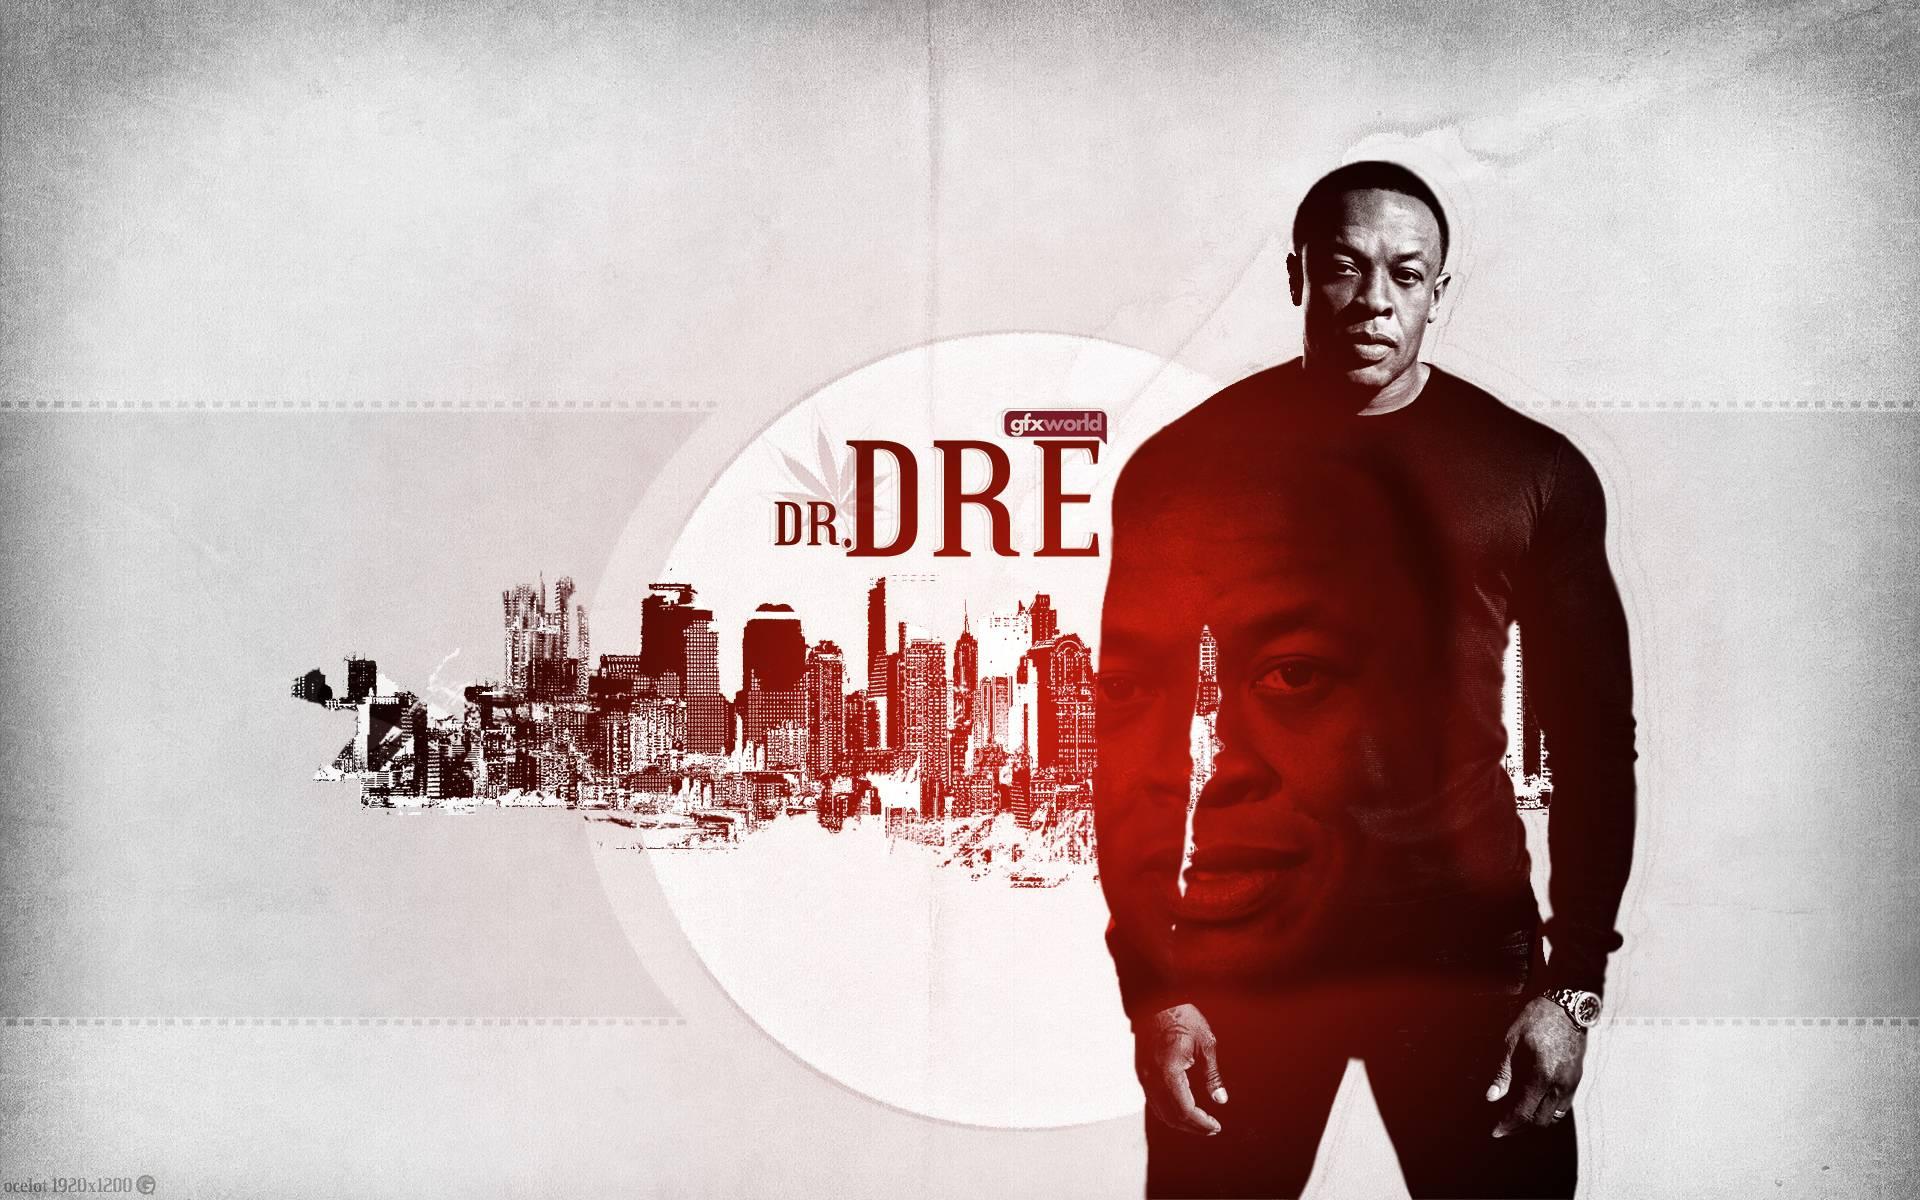 Fonds d'écran Dr Dre : tous les wallpapers Dr Dre